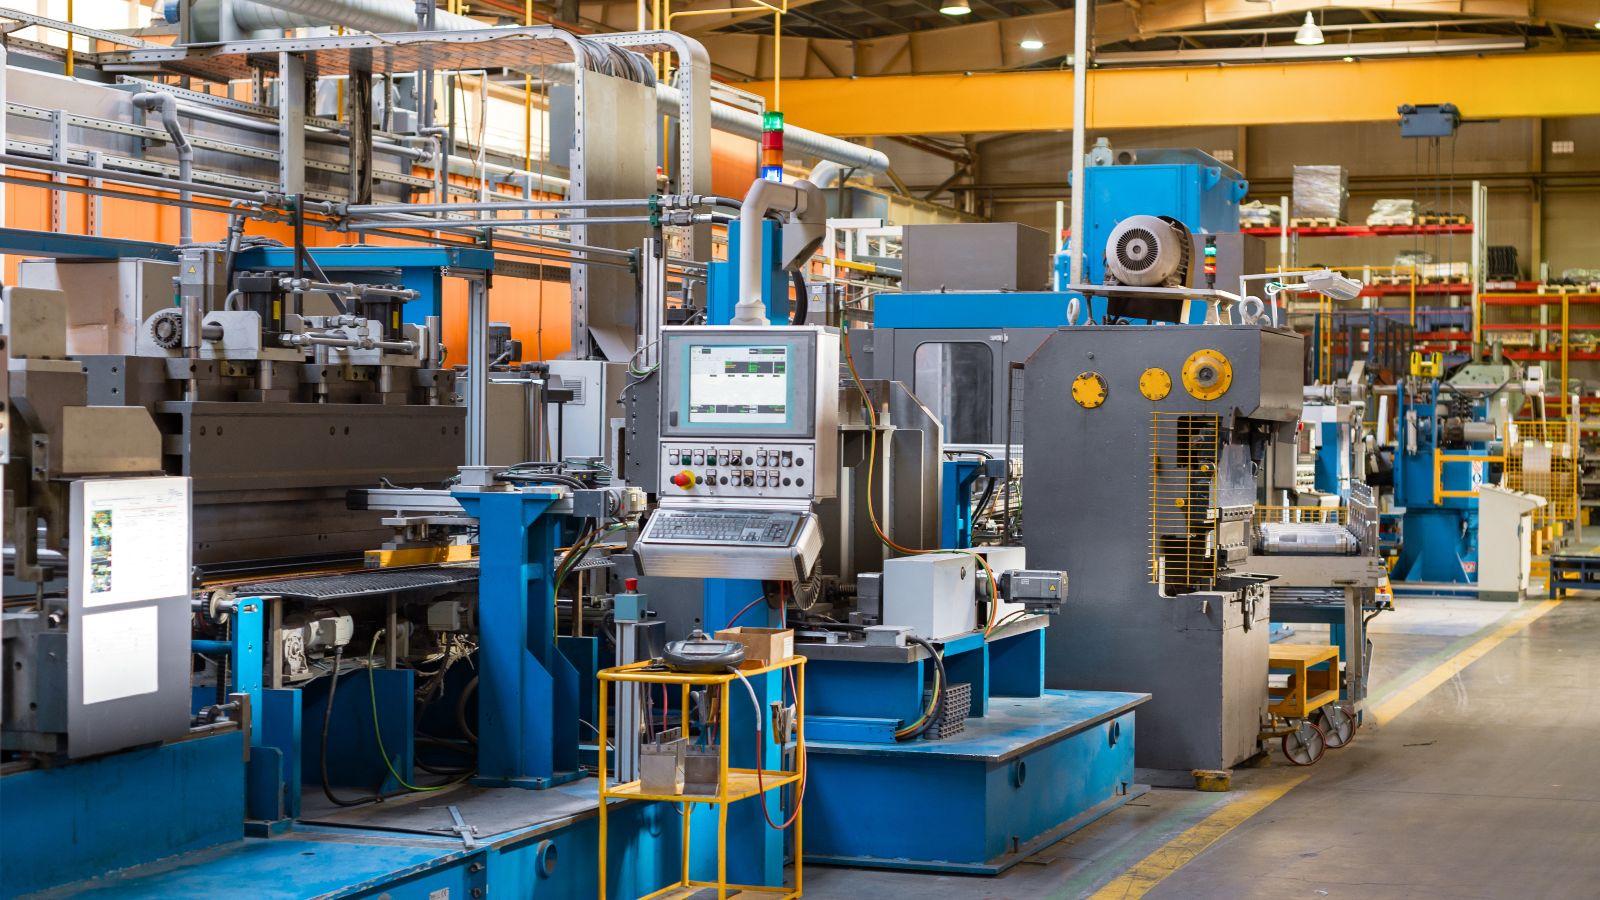 Dieses Bild zeigt eine Fabrikhalle, in der eine große Produktionsanlage für die Metallverarbeitung betriebsbereit steht. Im Zentrum des Bildes befindet sich das Steuerpult der Anlage.